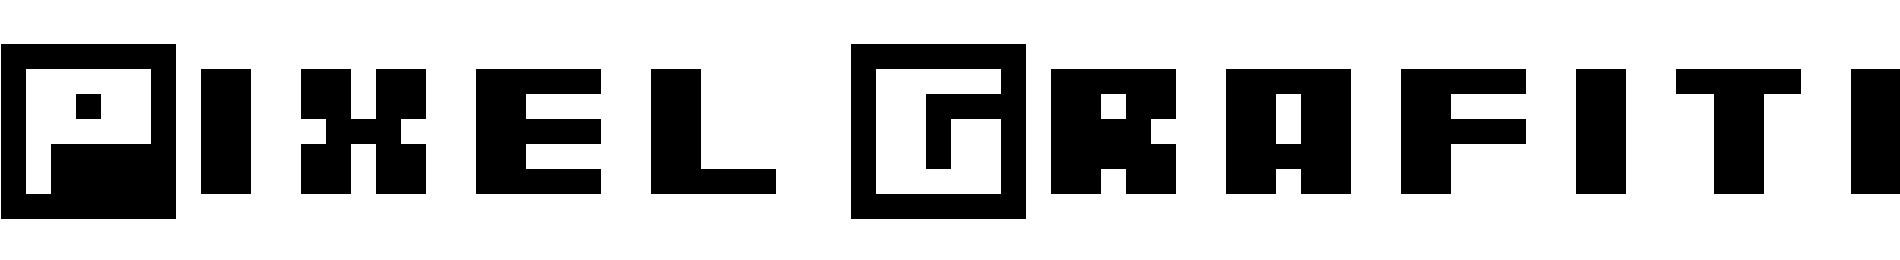 Pixel Grafiti